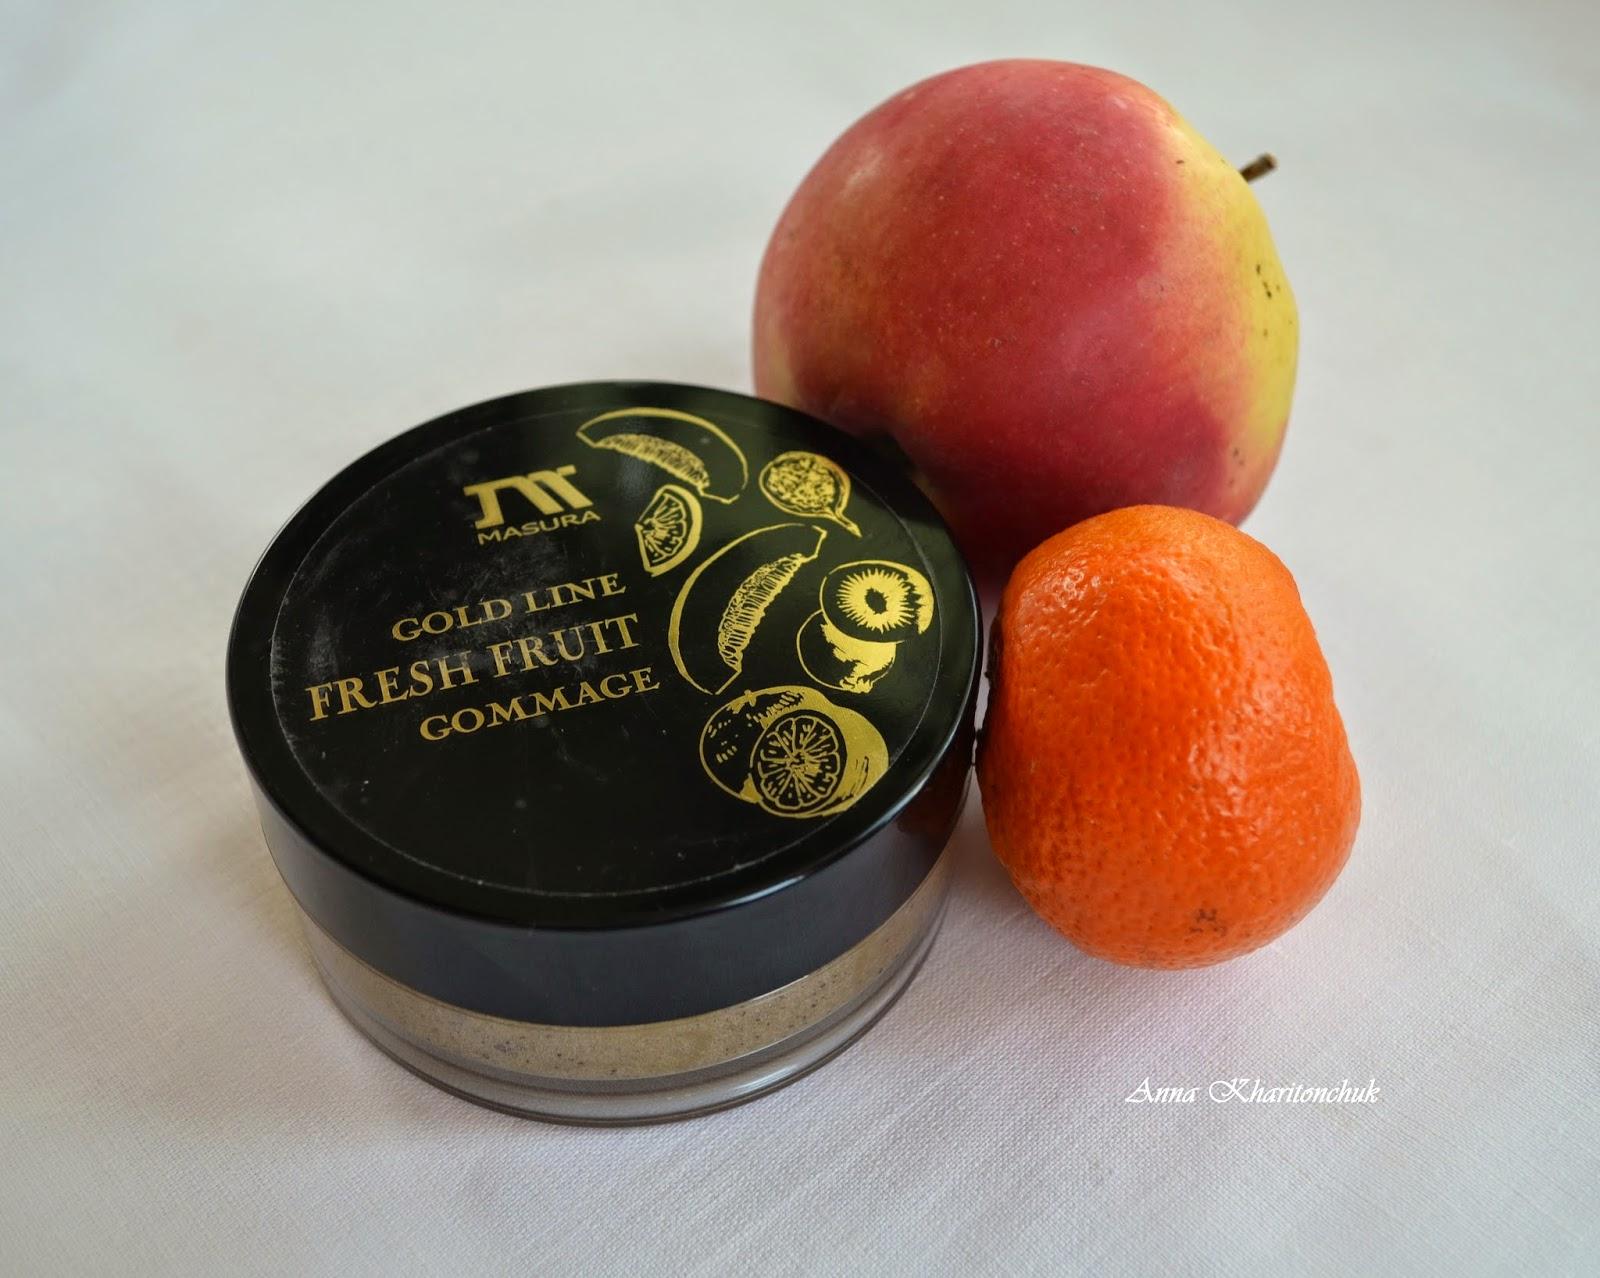 Спа-гоммаж с фруктовыми кислотами Masura Gold Line Fresh Fruit Gommage